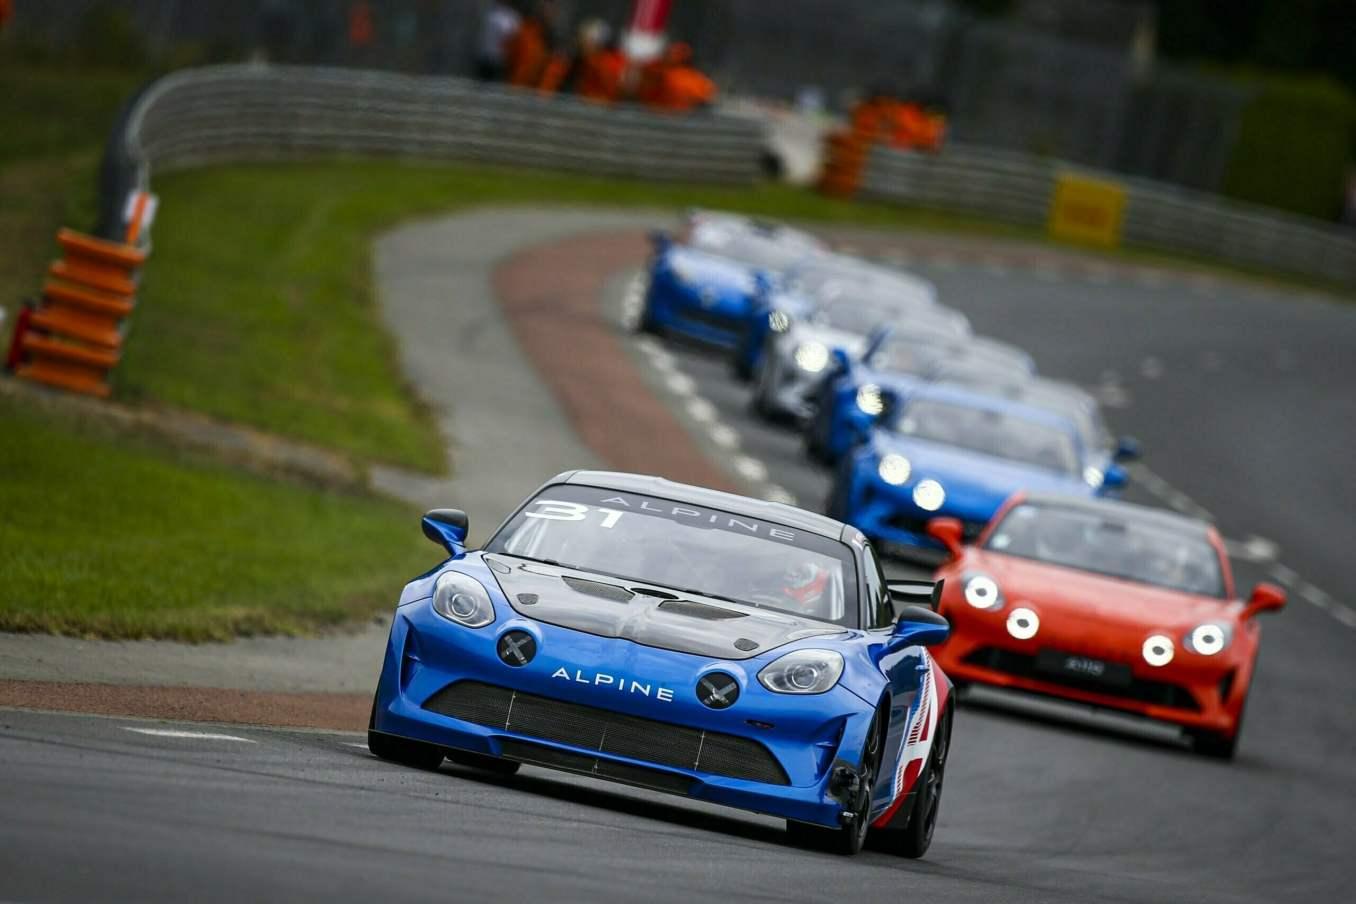 Une F1 aux 24h du Mans et une parade impregnee de passion 2 scaled | Les 24h du mans d'Alpine Endurance Team en photos